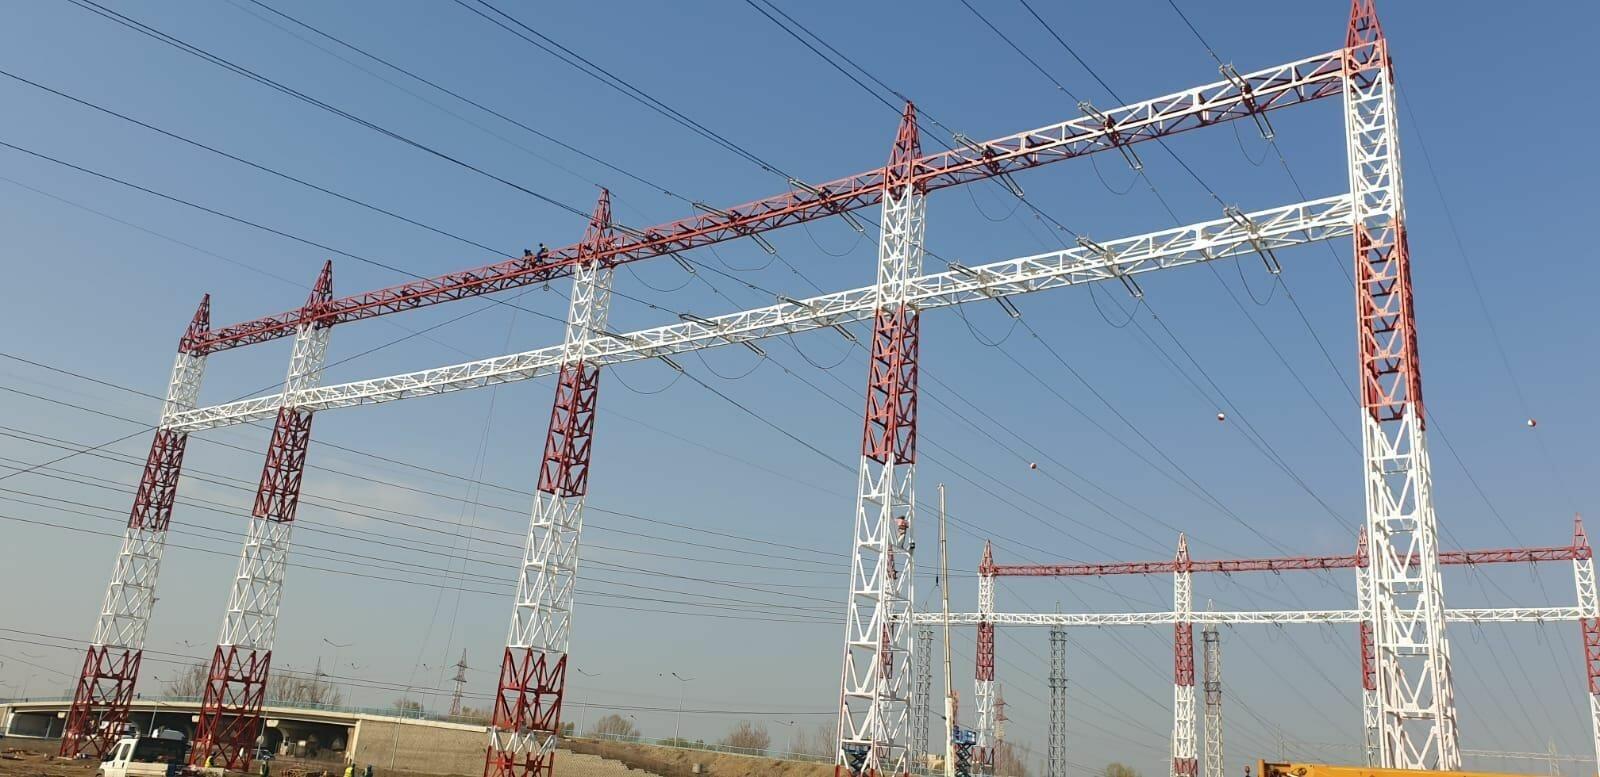 Secretariatul General al Guvernului cere Transelectrica să repartizeze 90% din profitul net realizat în 2020 sub formă de dividende la bugetul de stat